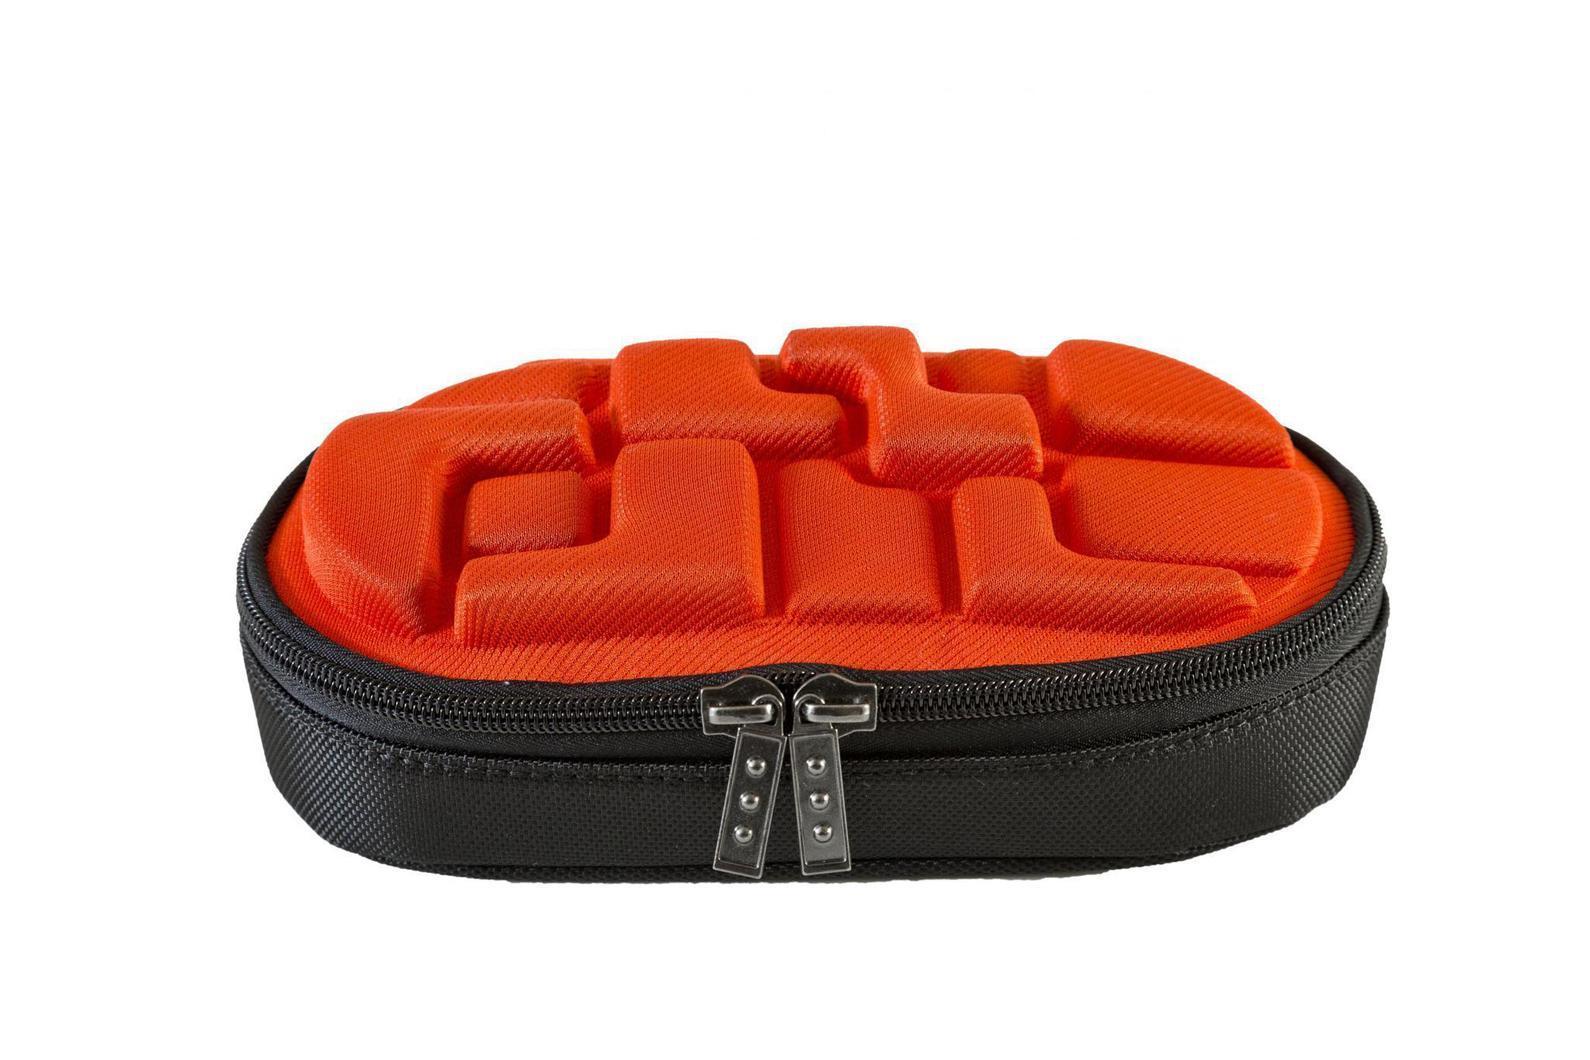 Пенал MadPax LedLox Pencil Case, цвет: оранжевый191807_оранжевыйПенал школьный прямоугольный, на молнии, с одним отделением, без наполнения. Стильное оформление в виде кубических форм, прекрасно подходит к рюкзакам коллекции Blok. Необходимый и модный аксессуар для школьников, стремящихся быть оригинальными и неповторимыми.